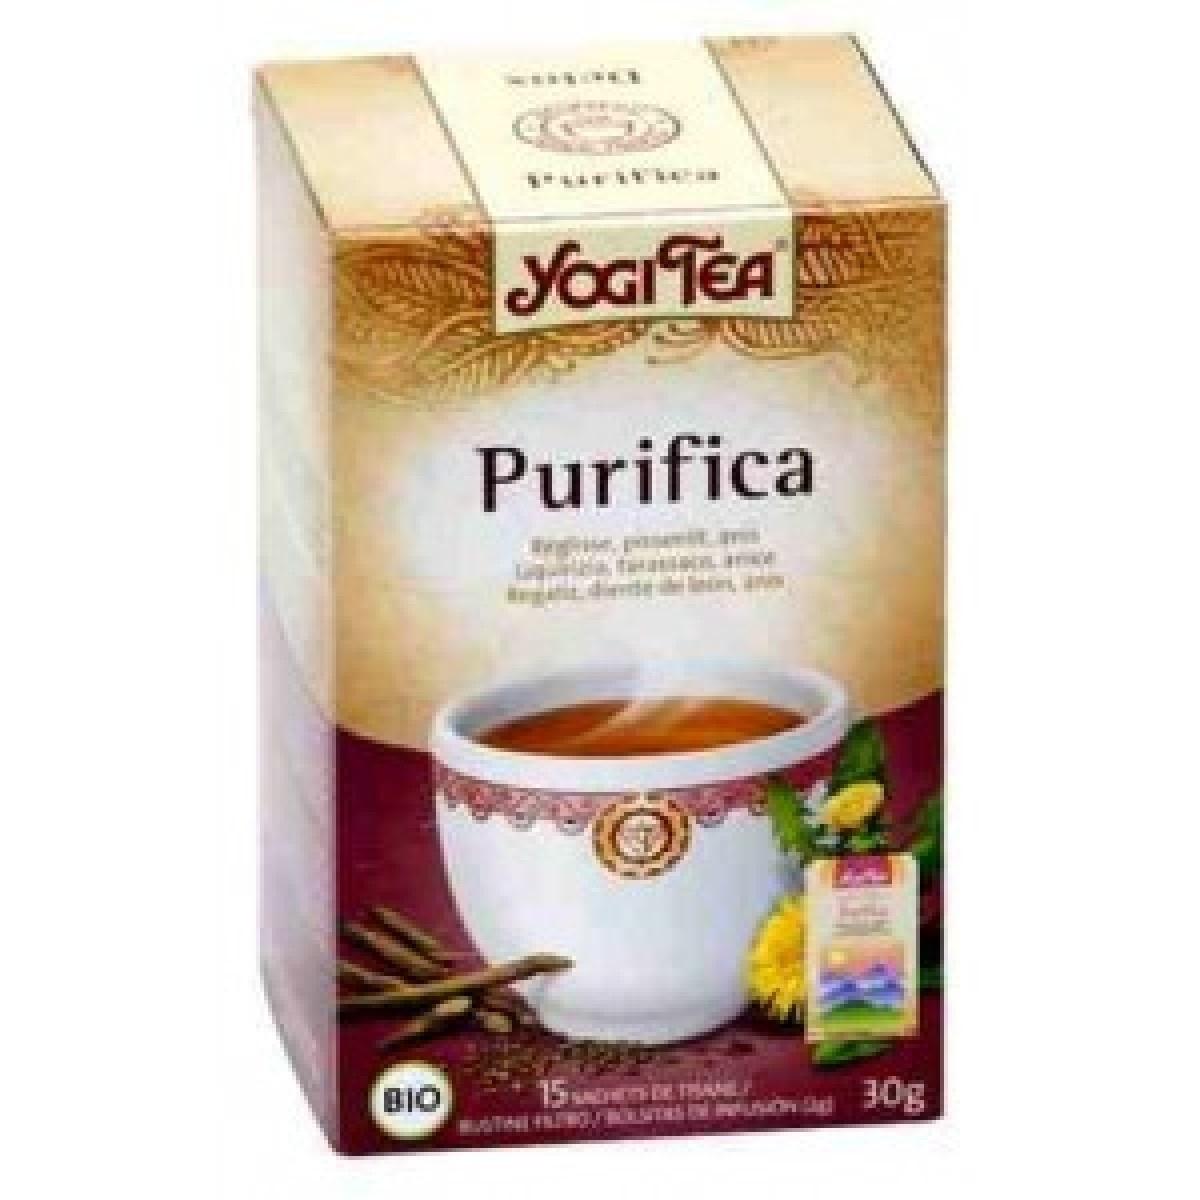 Purifica YOGI-TEA